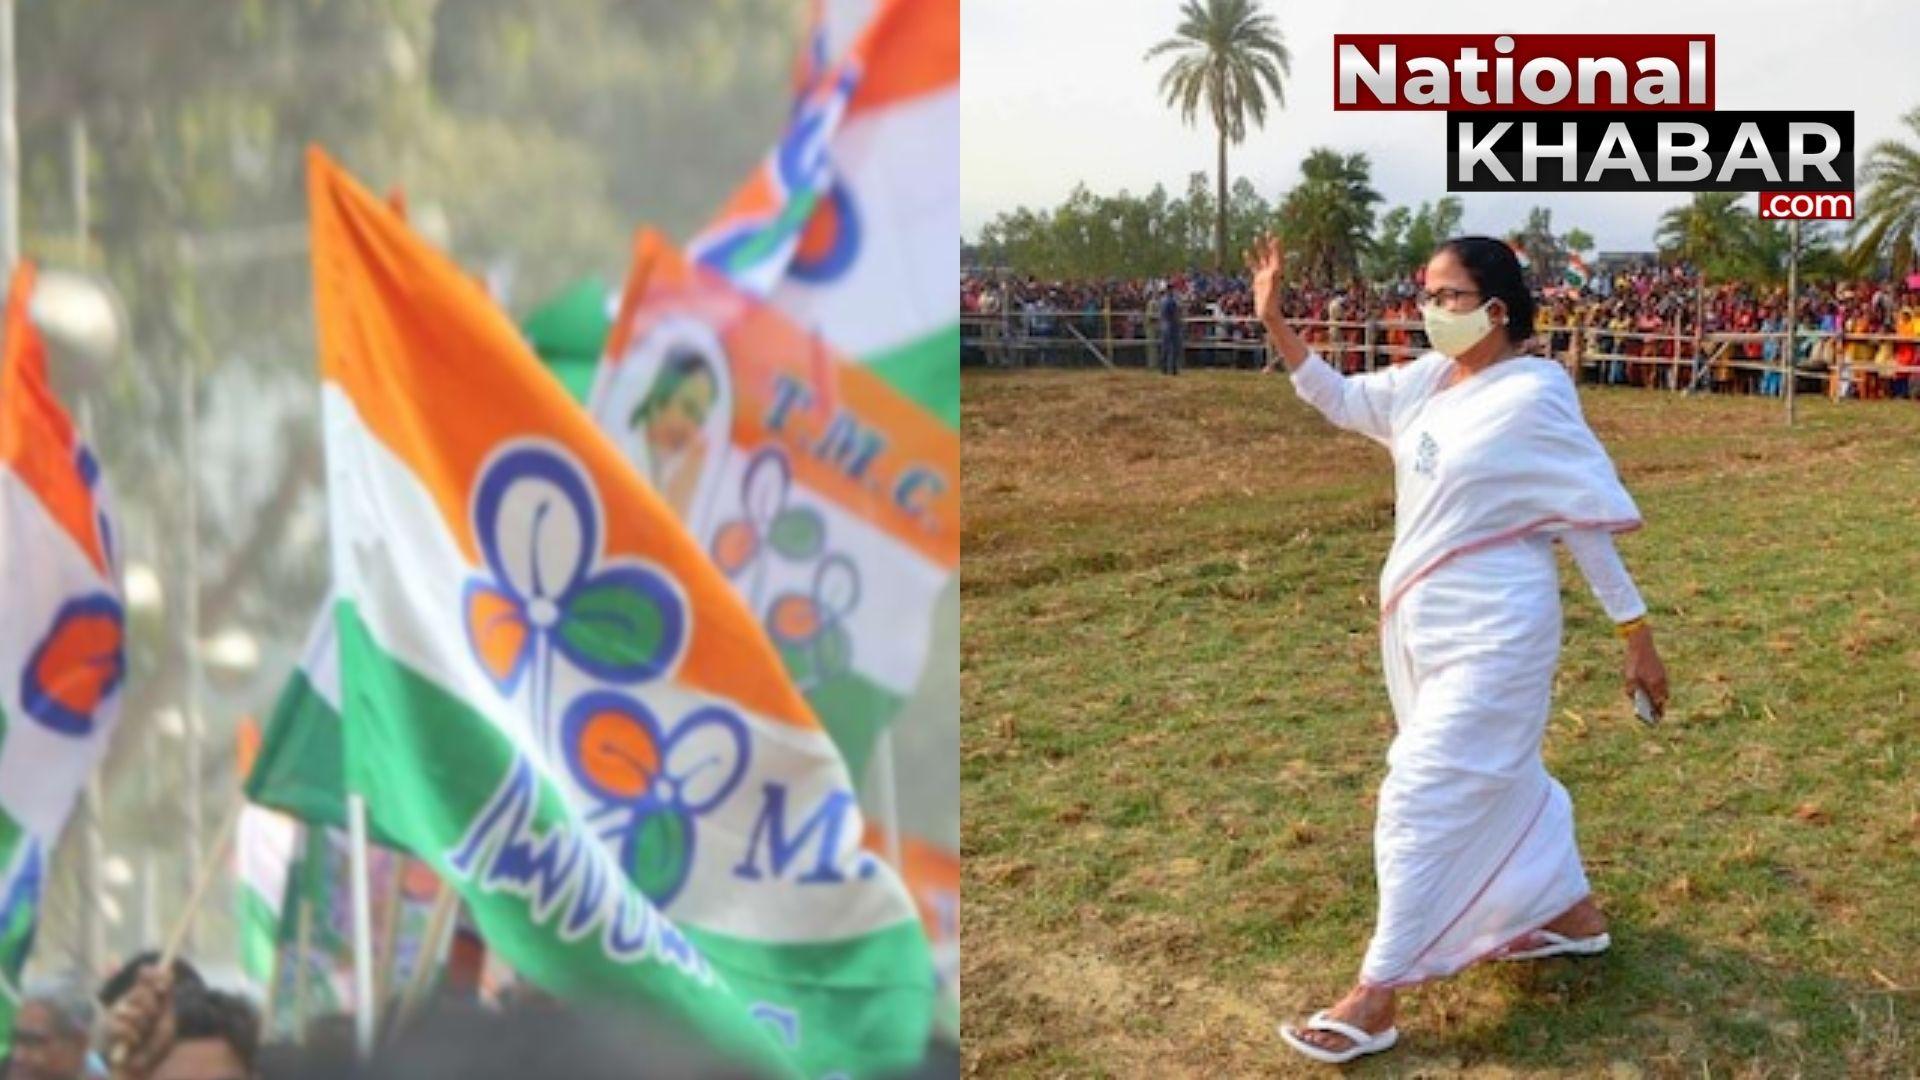 Bengal Election Result: दीदी को भले ही मिली हो नंदीग्राम से हार, CM बनने में कोई मुश्किल नहीं